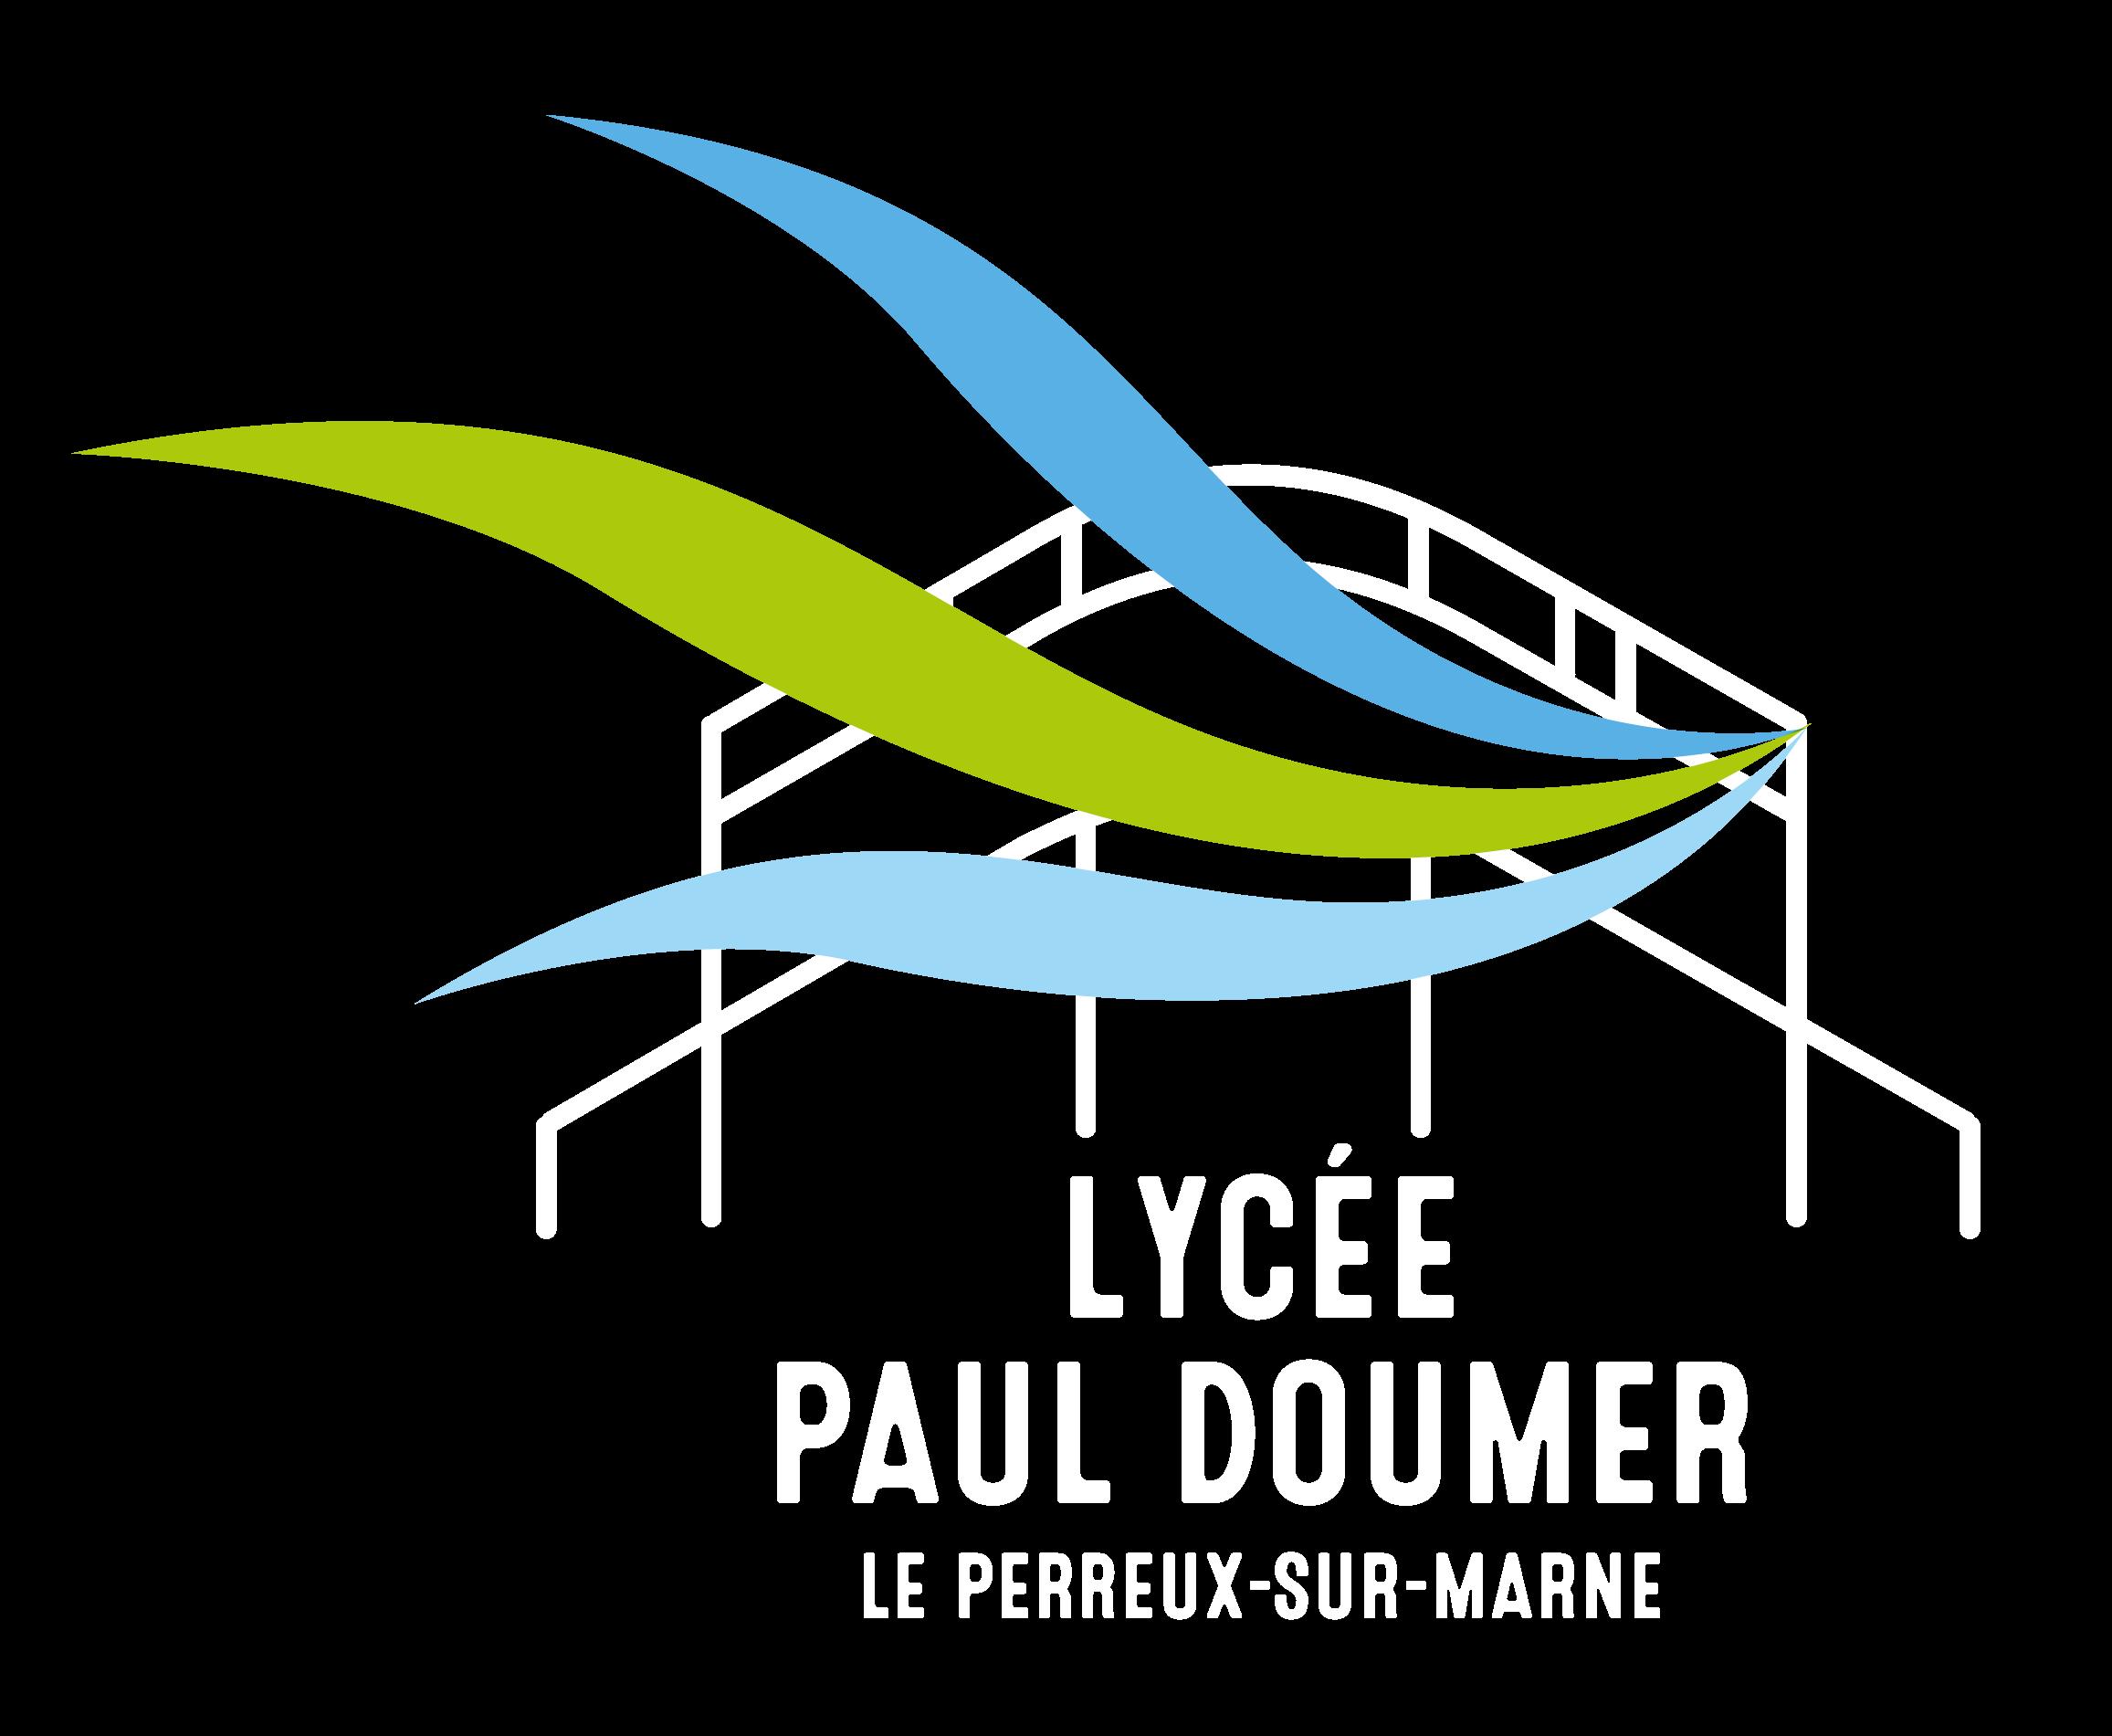 Lycée Paul Doumer